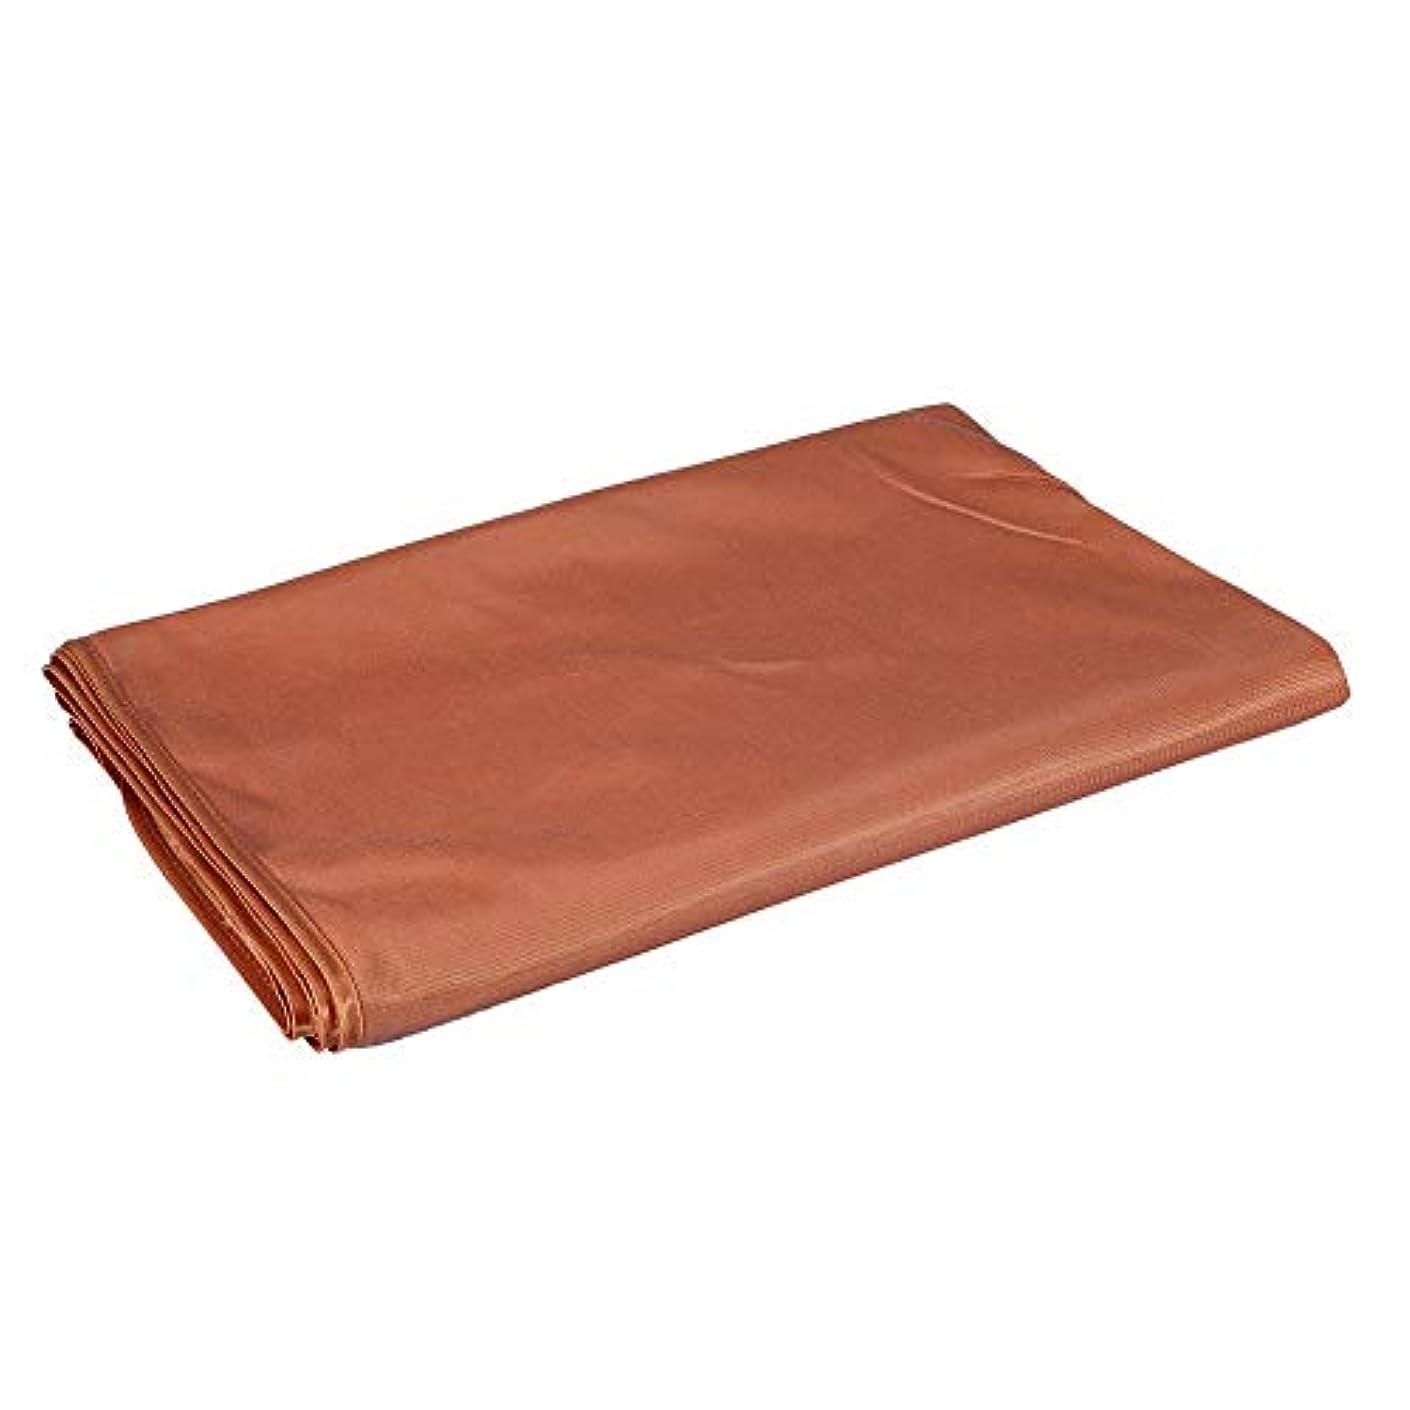 無臭へこみあいにく美のマッサージのベッドカバー、表面呼吸穴が付いている柔らかいシートの鉱泉(120 x 200cm-キャメル)